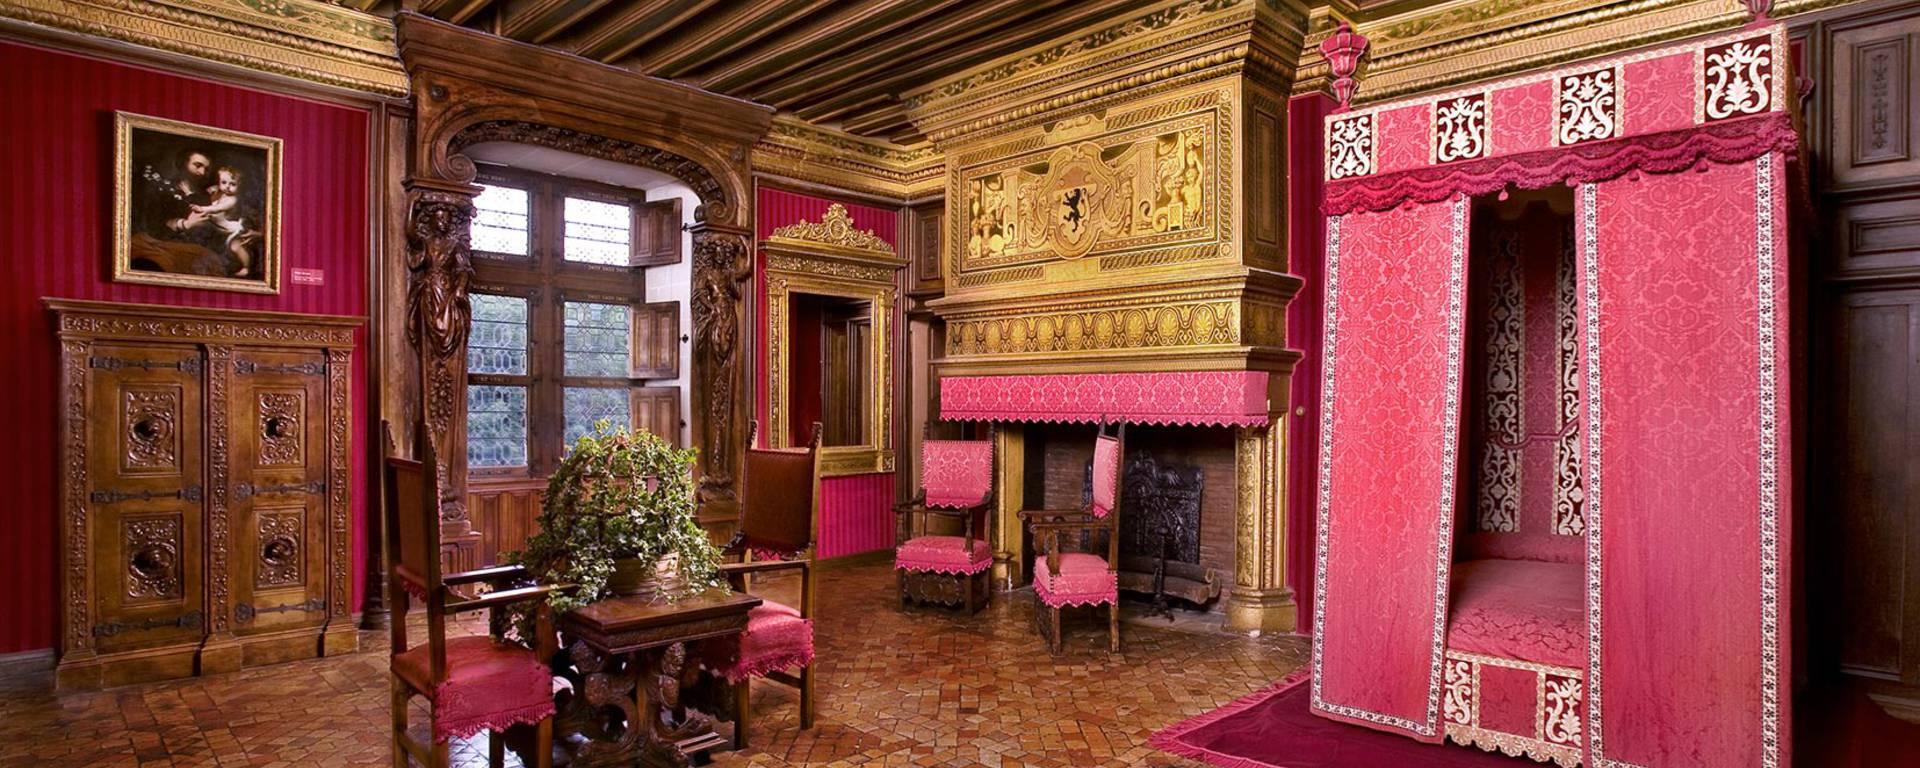 Interno del castello di Chenonceau